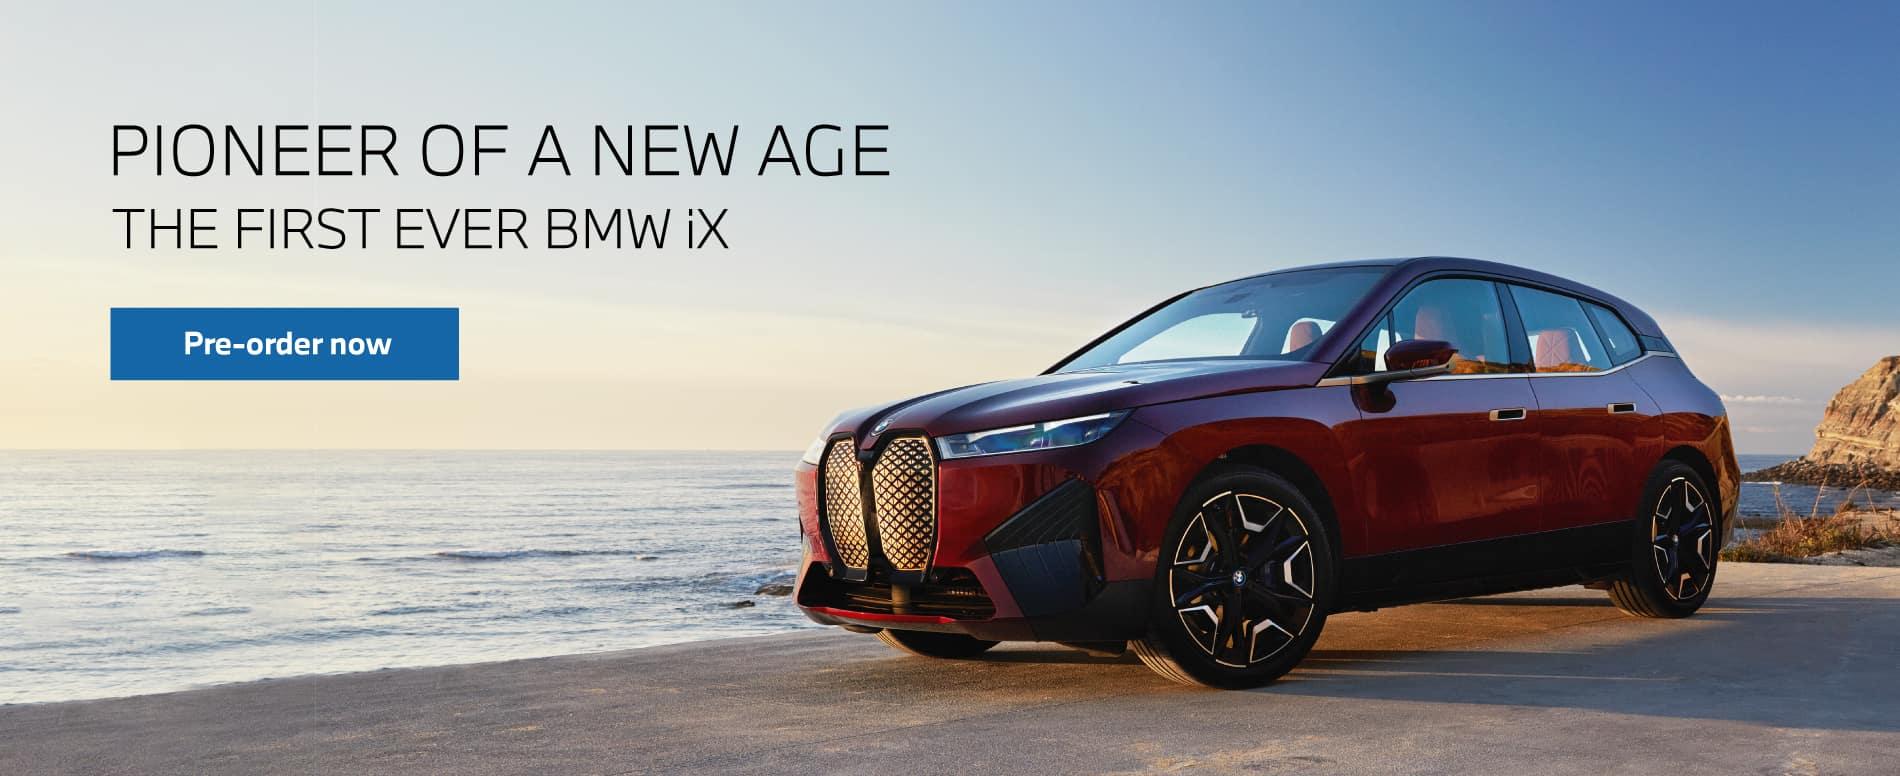 17605-BenBmw-May21-BMW-iX-Pre-order-1900×776